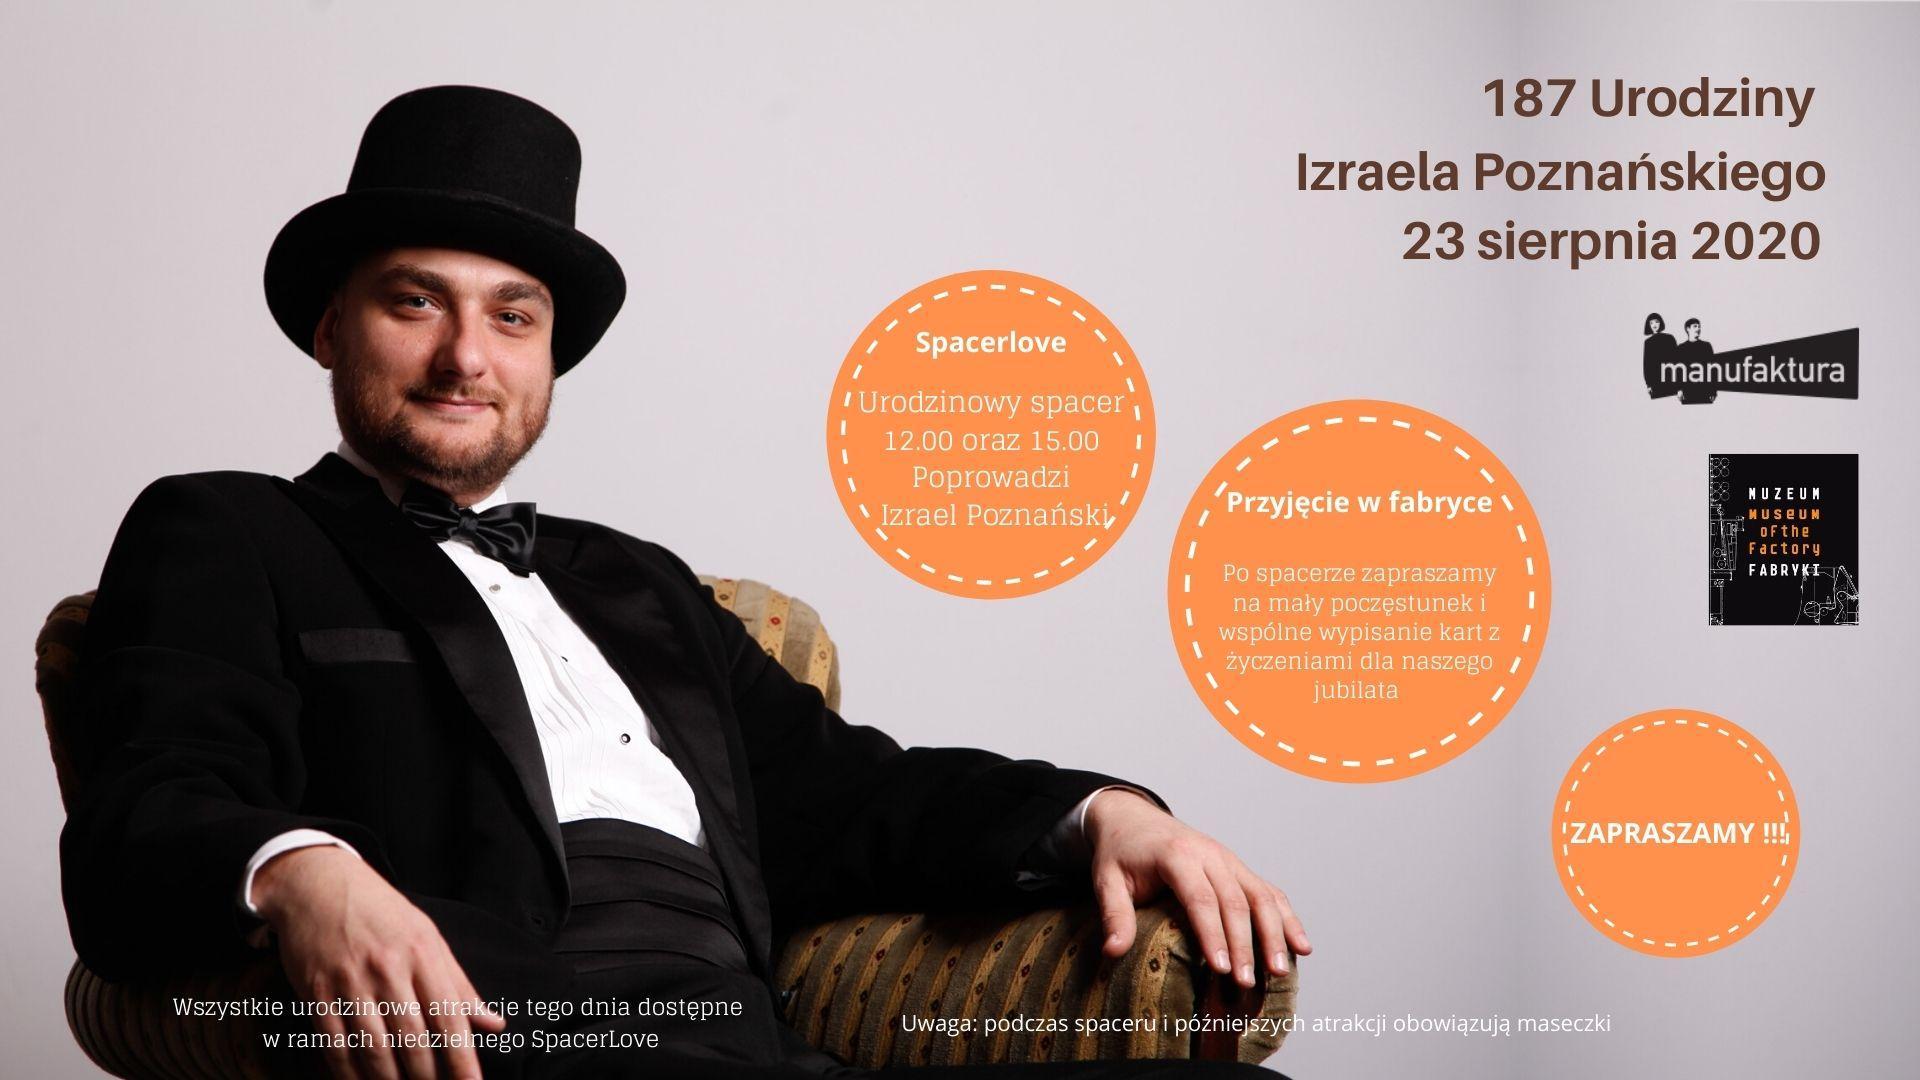 Urodziny Izraela Poznańskiego